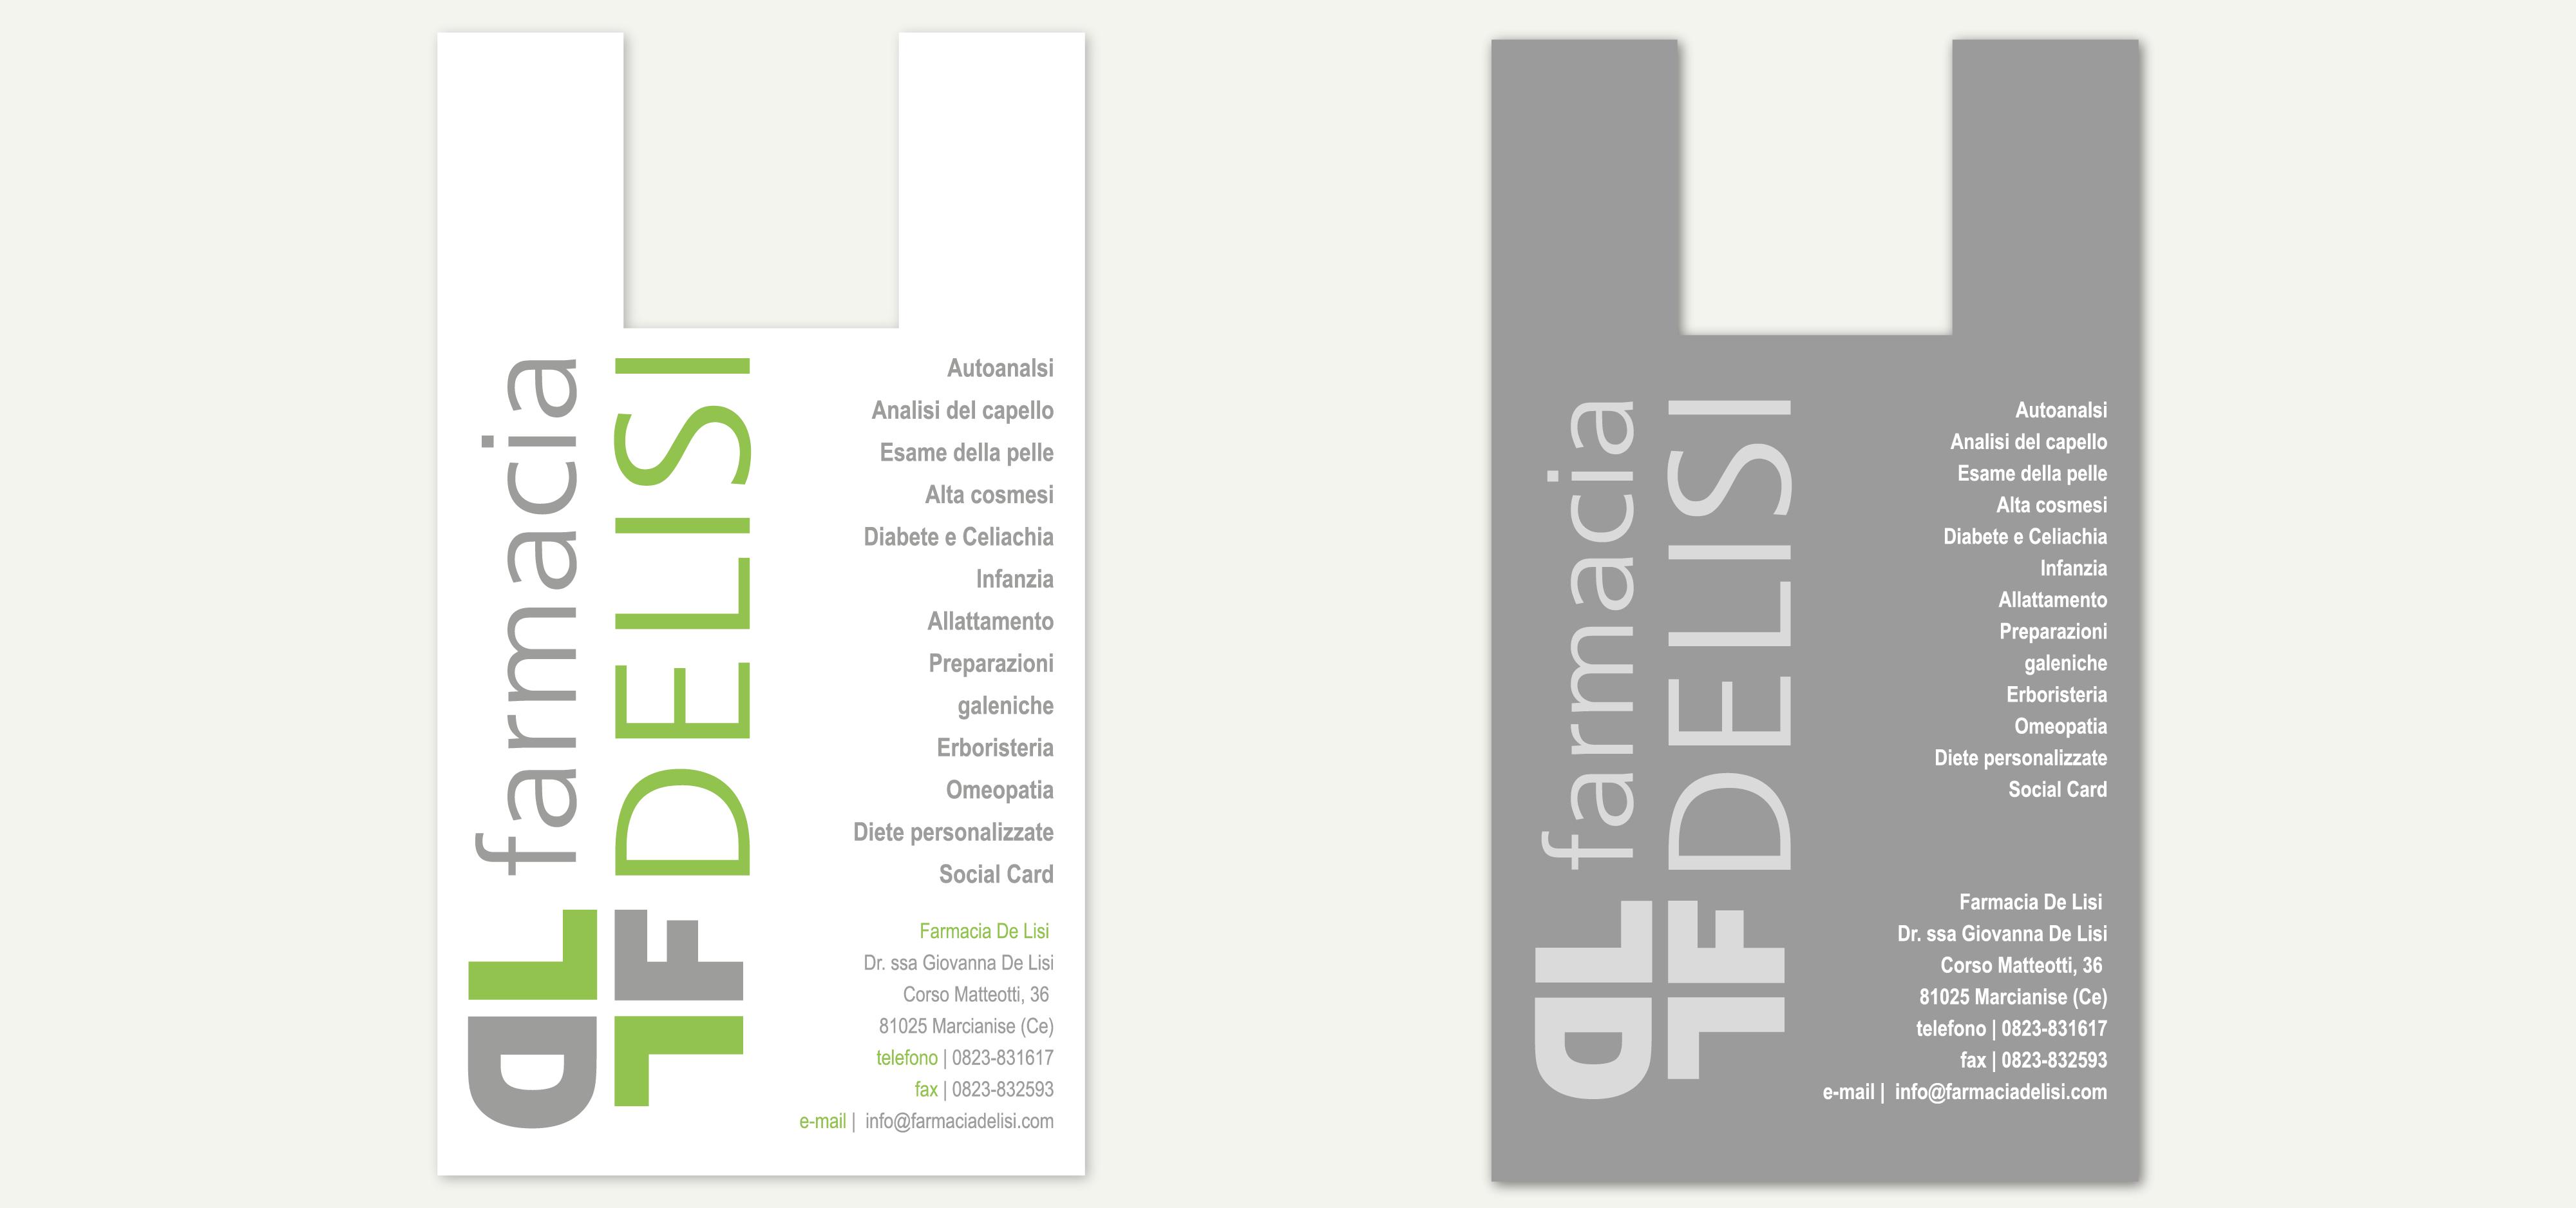 delisi-02